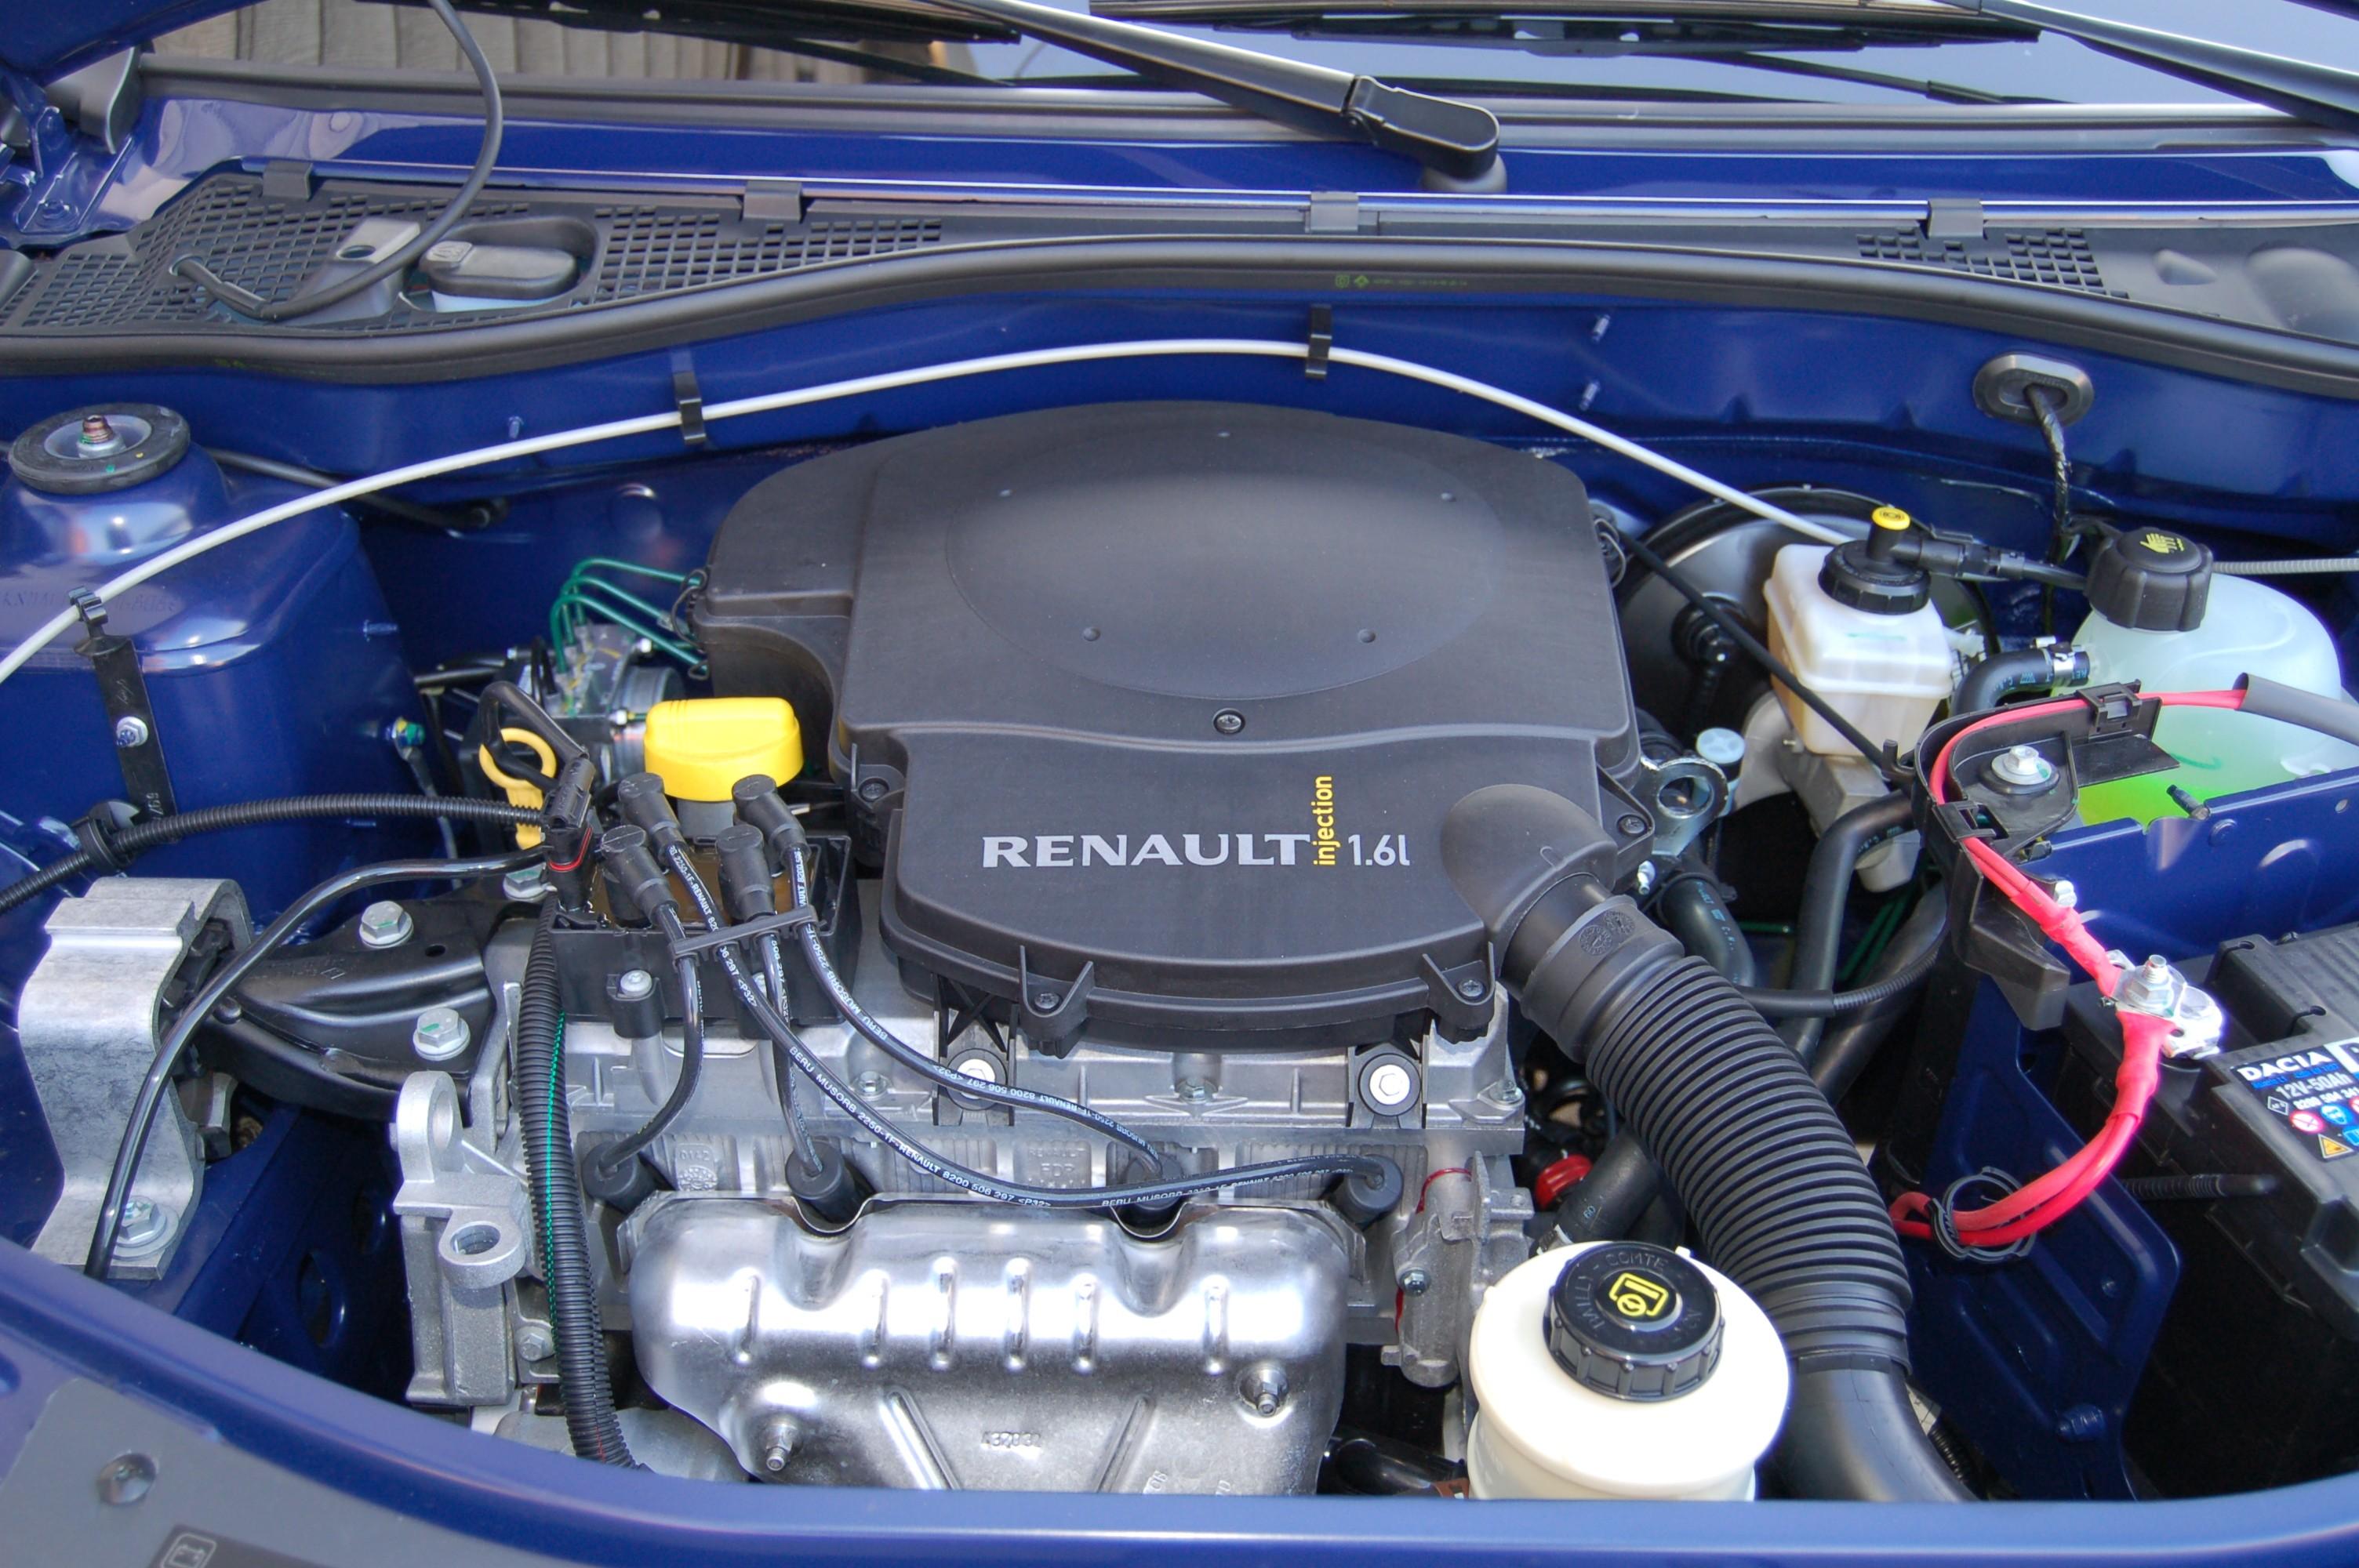 Renault Clio Engine Diagram Renault K Type Engine Wikiwand Of Renault Clio Engine Diagram